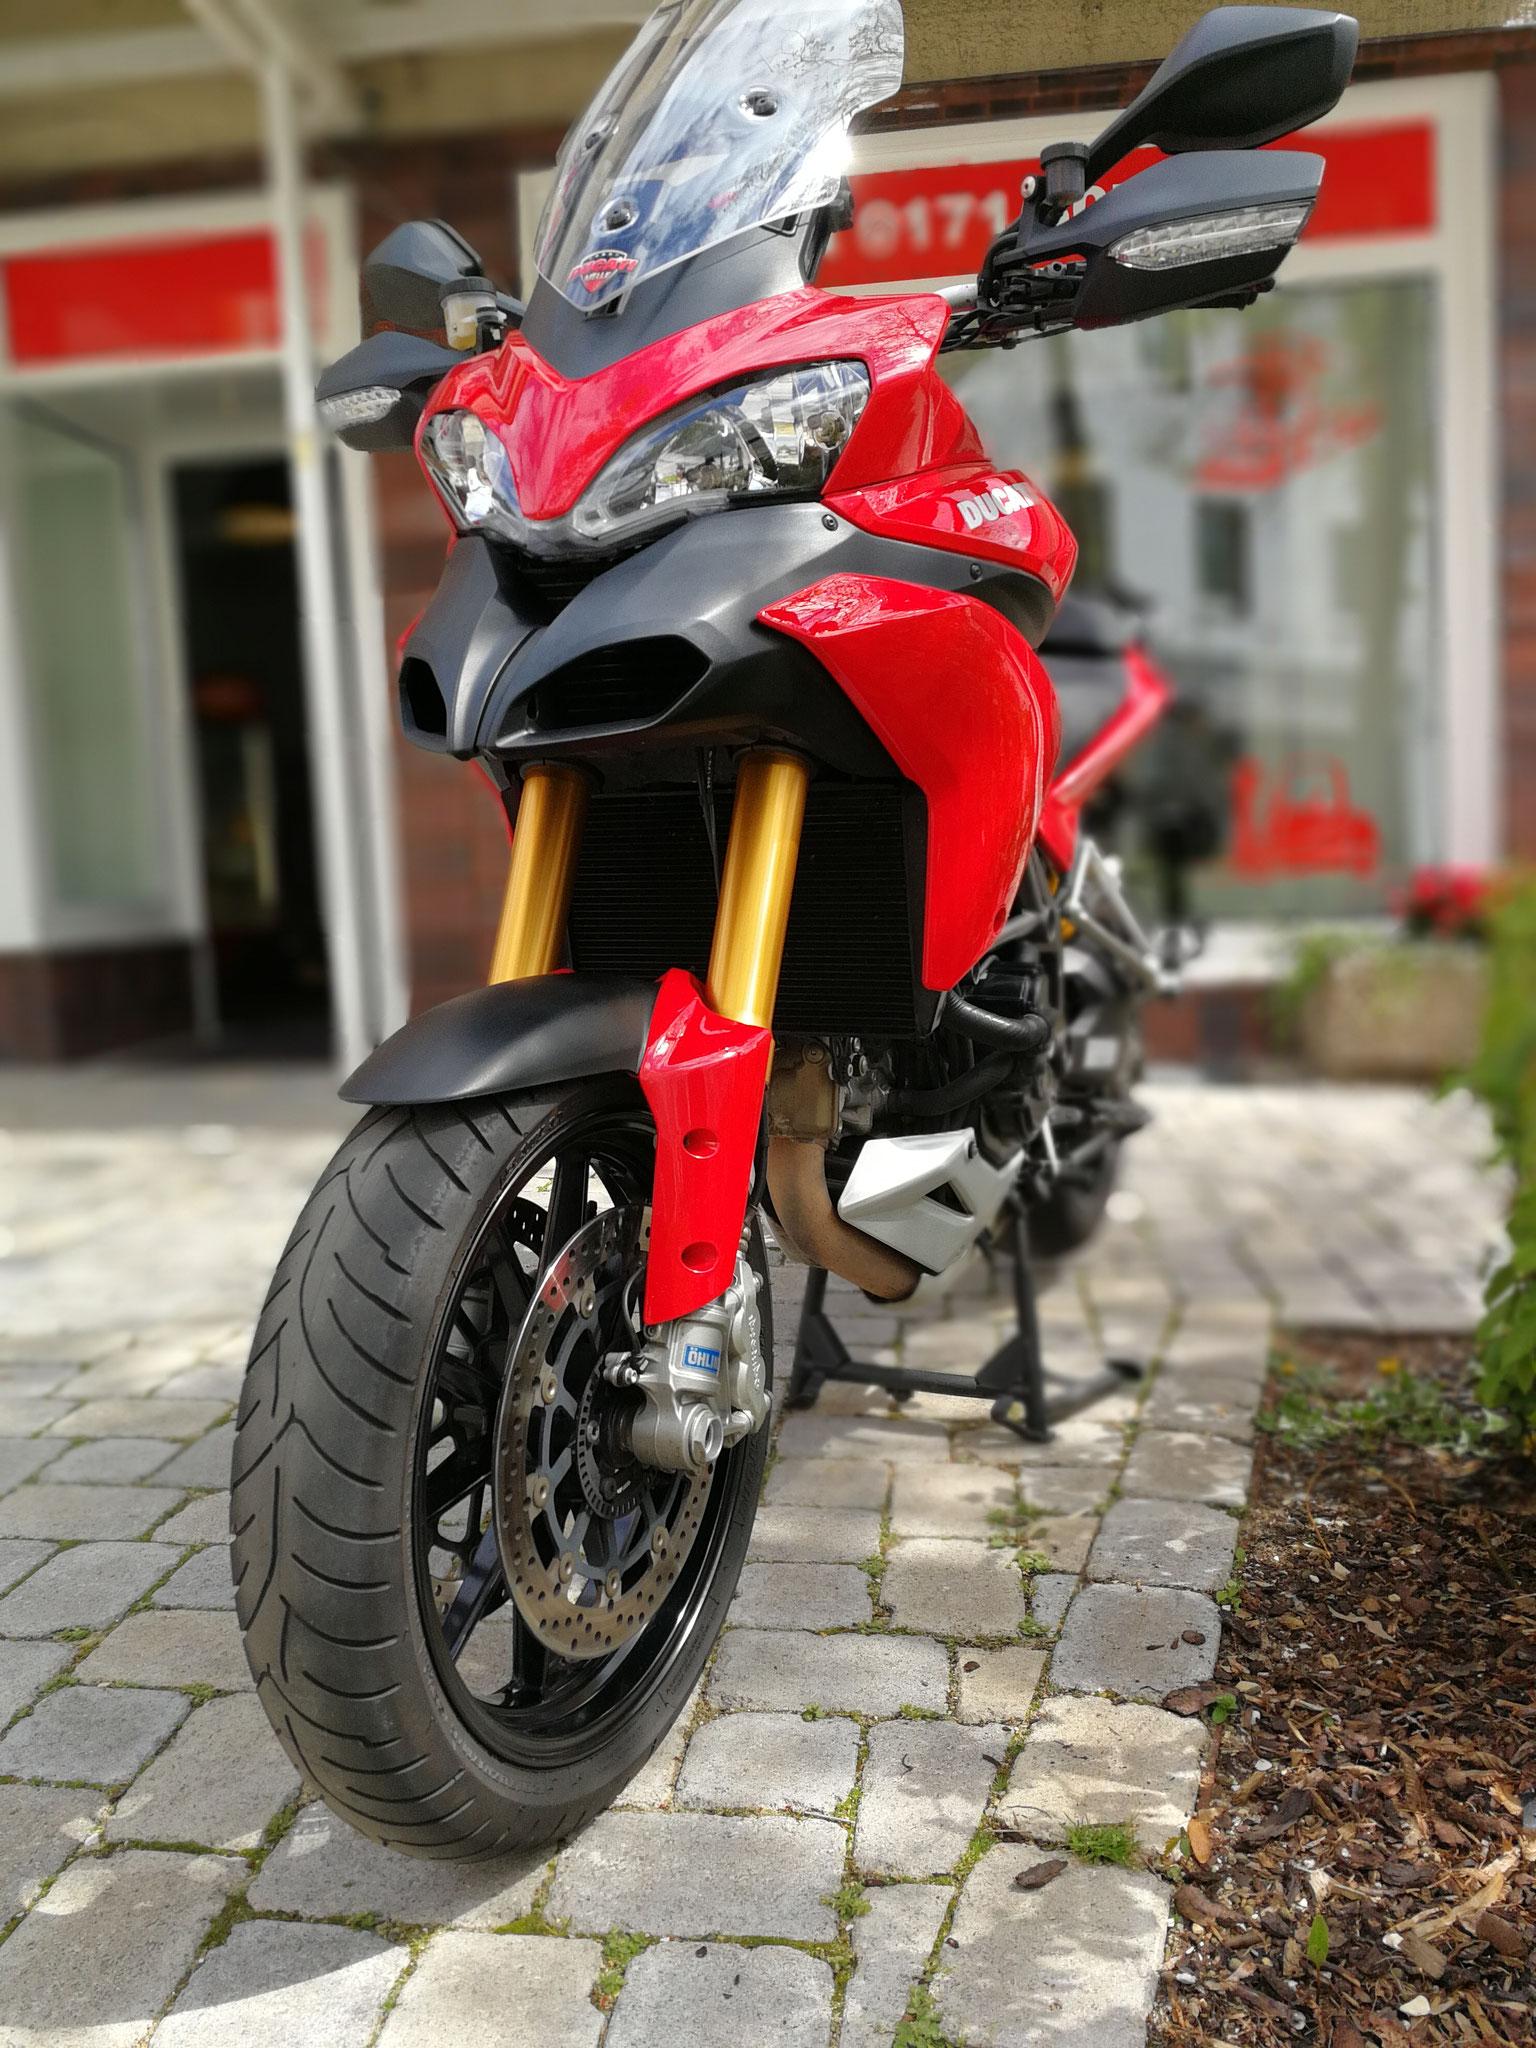 Unsere Fahrschule bildet in allen Klassen aus - auch den Motorradführerschein bekommst du bei uns.